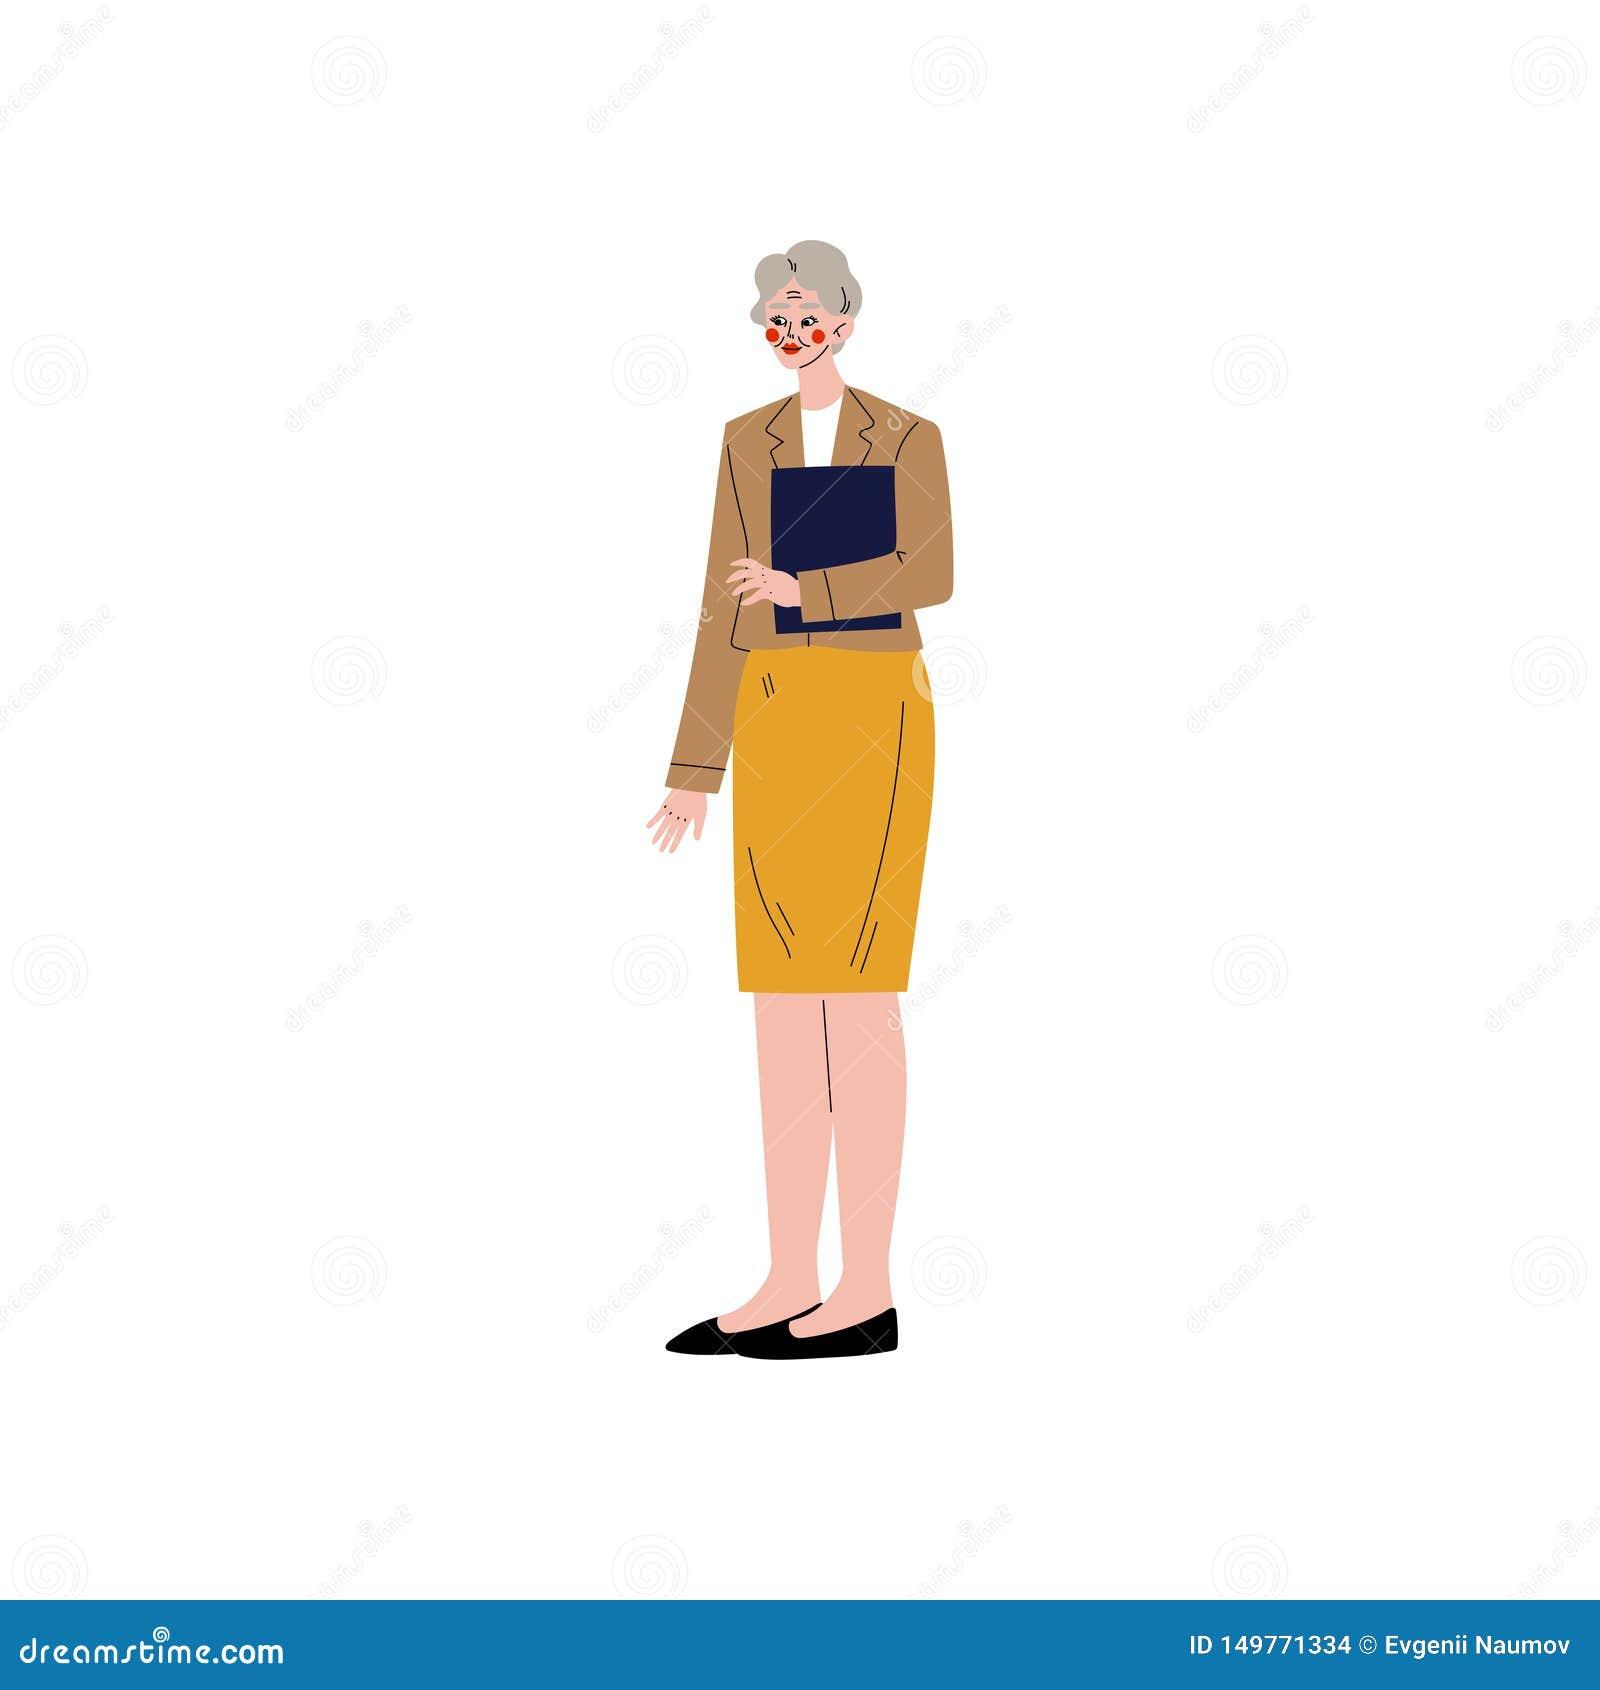 Geschäftsfrau, Büroangestellter, Unternehmer oder Manager Character Vector Illustration